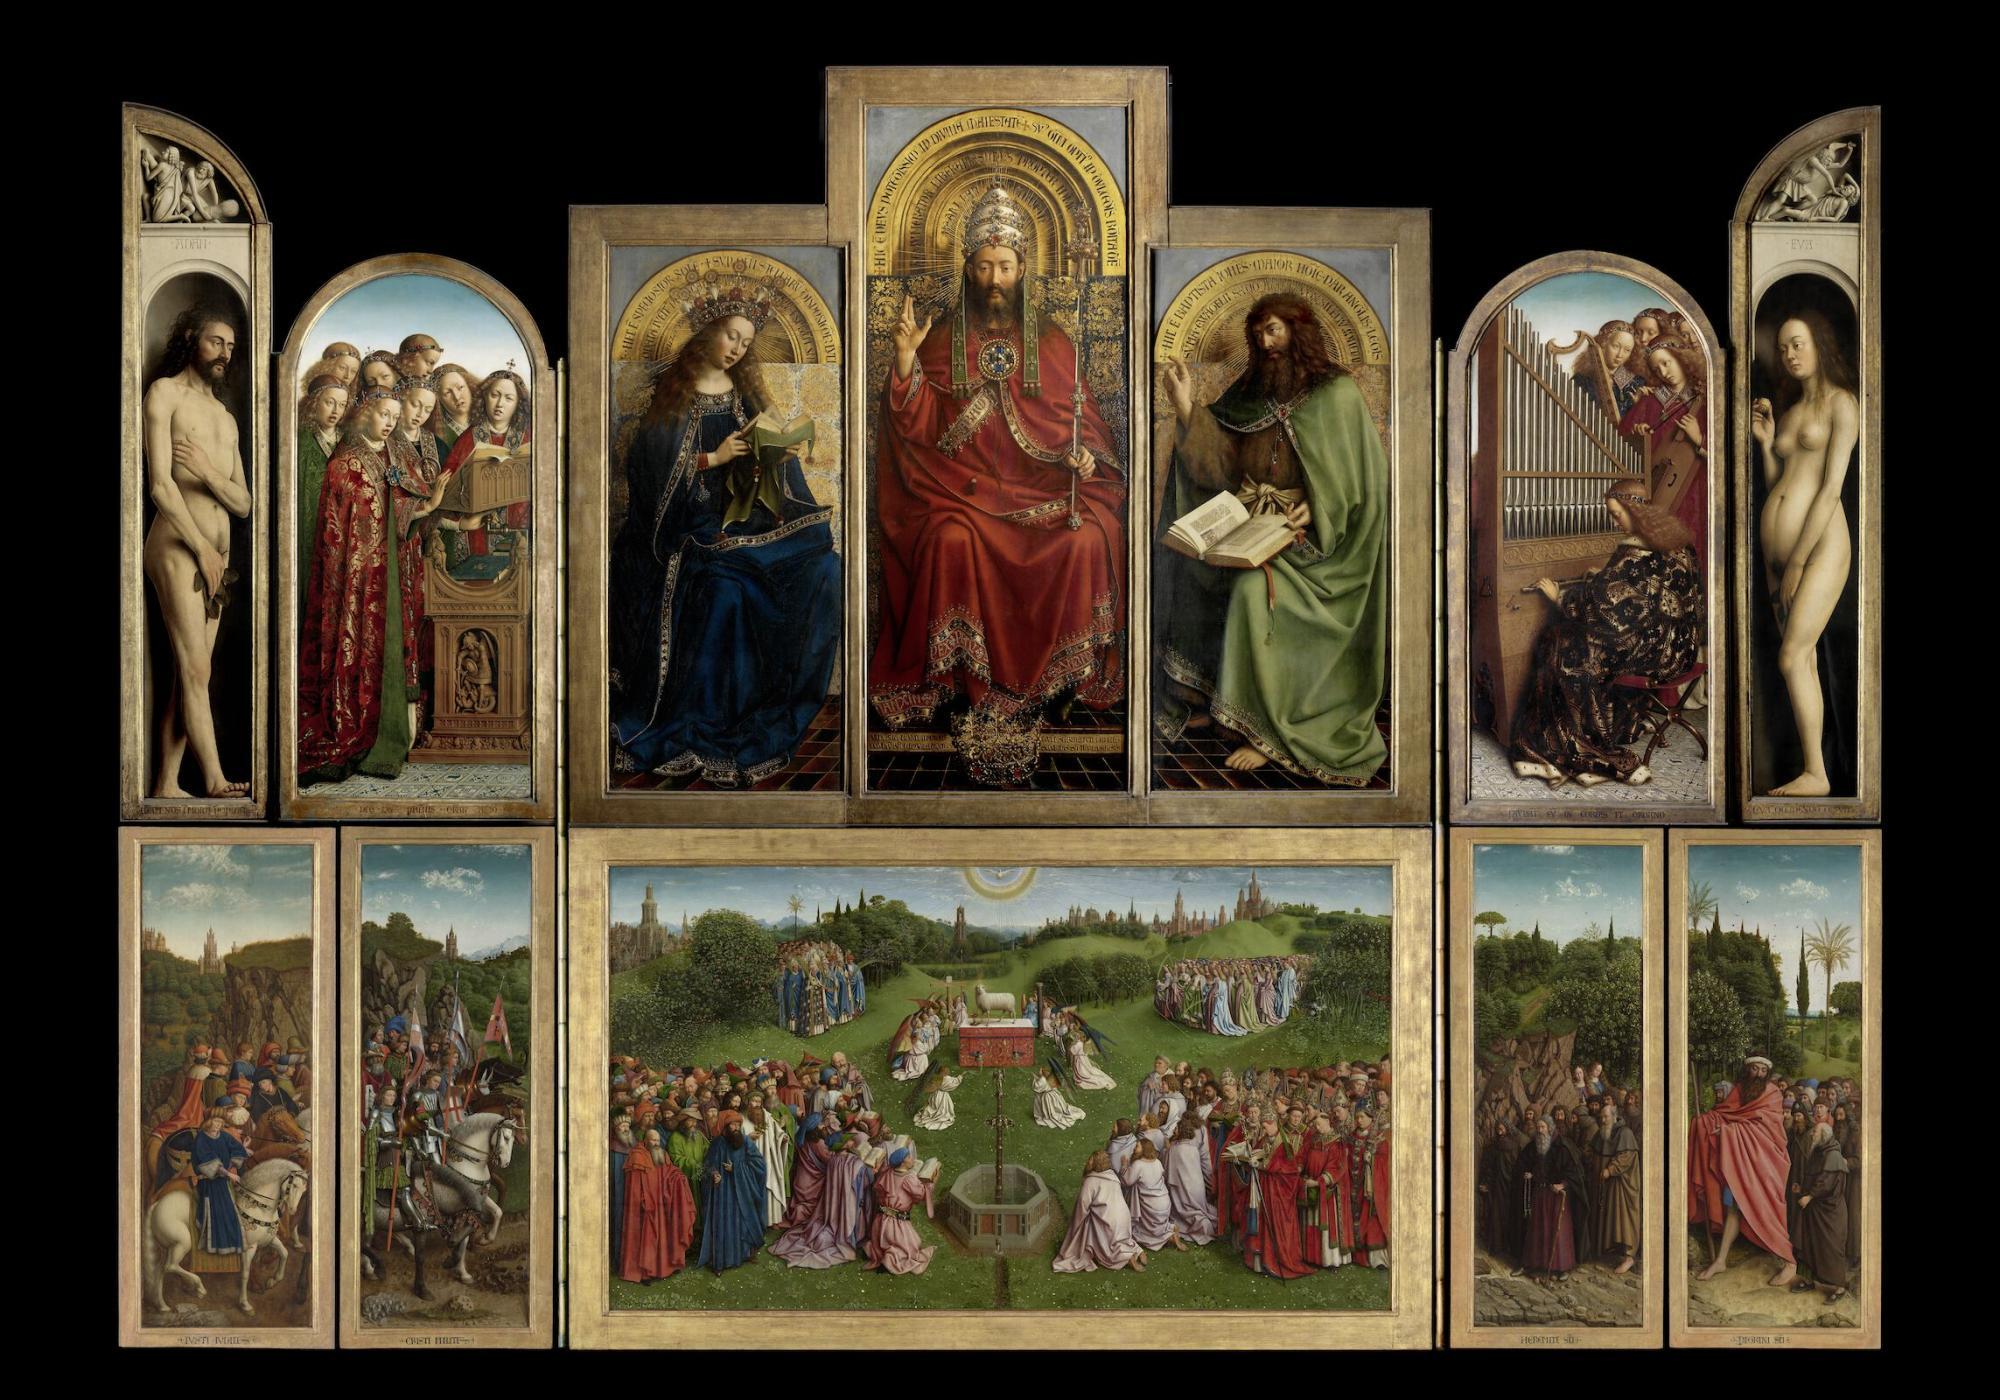 Le trame segrete di van Eyck: un podcast svela i misteri legati al Polittico dell'Adorazione